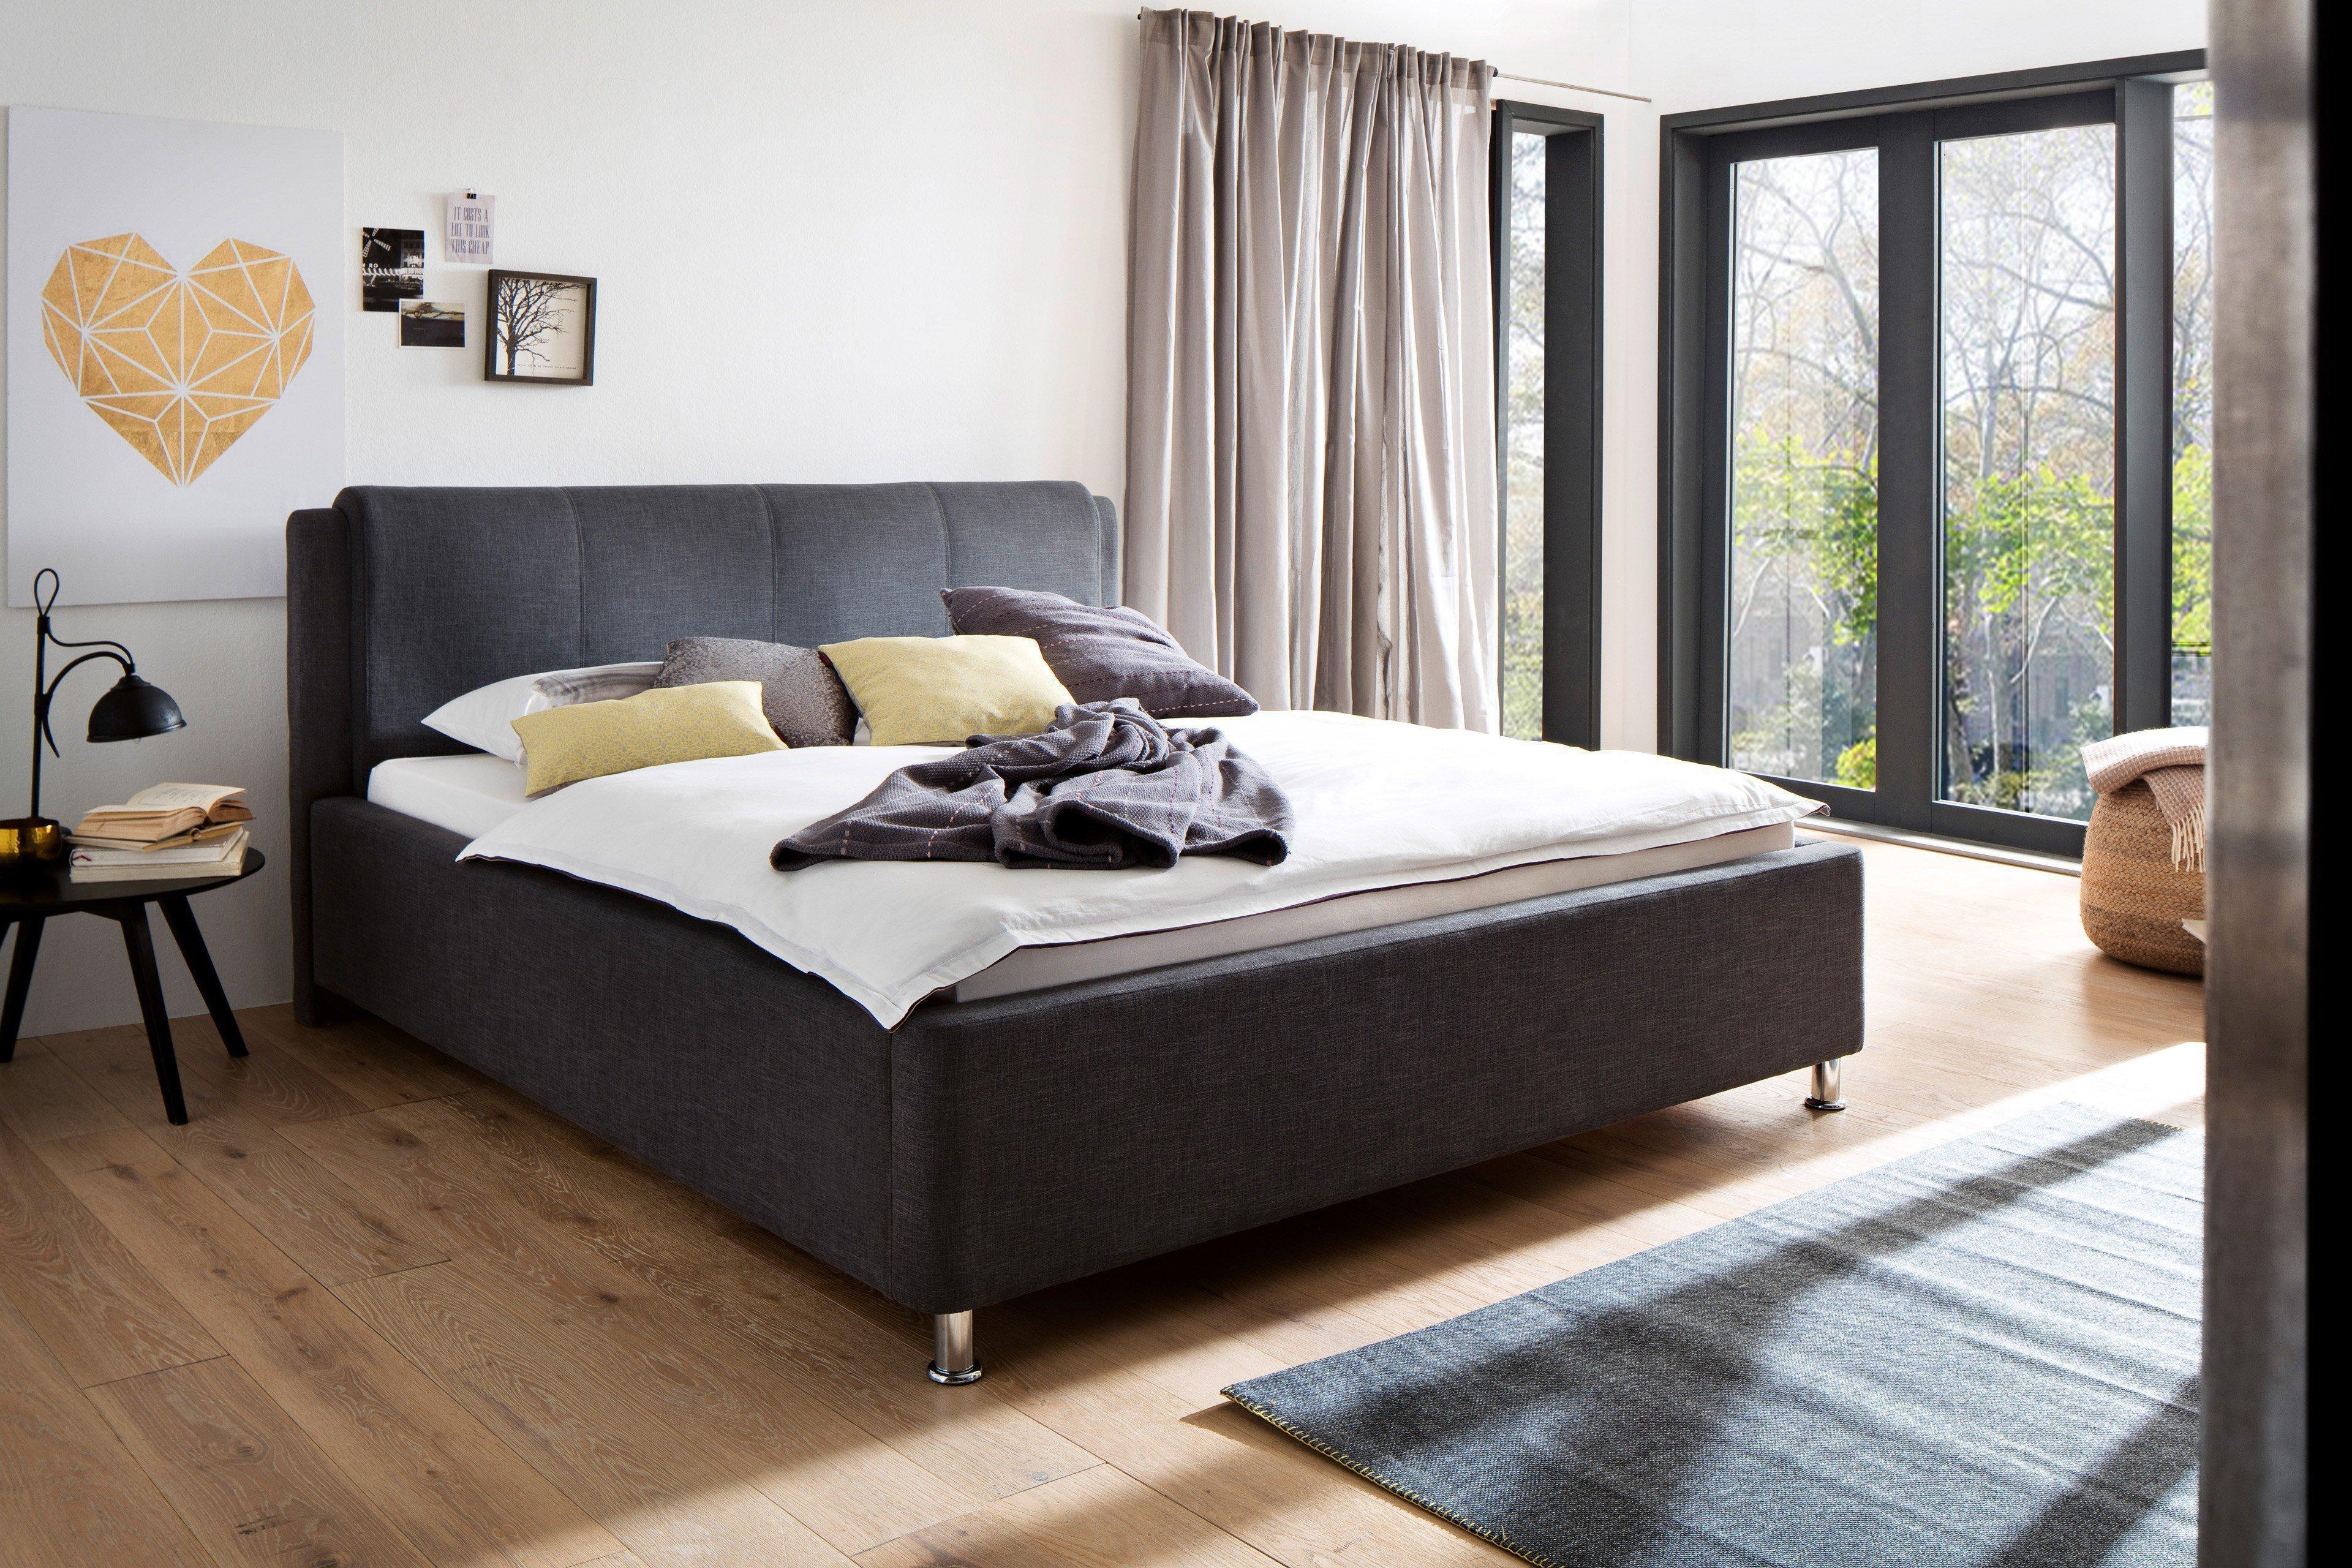 Fabelhaft Polsterbett Mit Bettkasten Dekoration Von El Paso Von Meise Möbel - Anthrazit